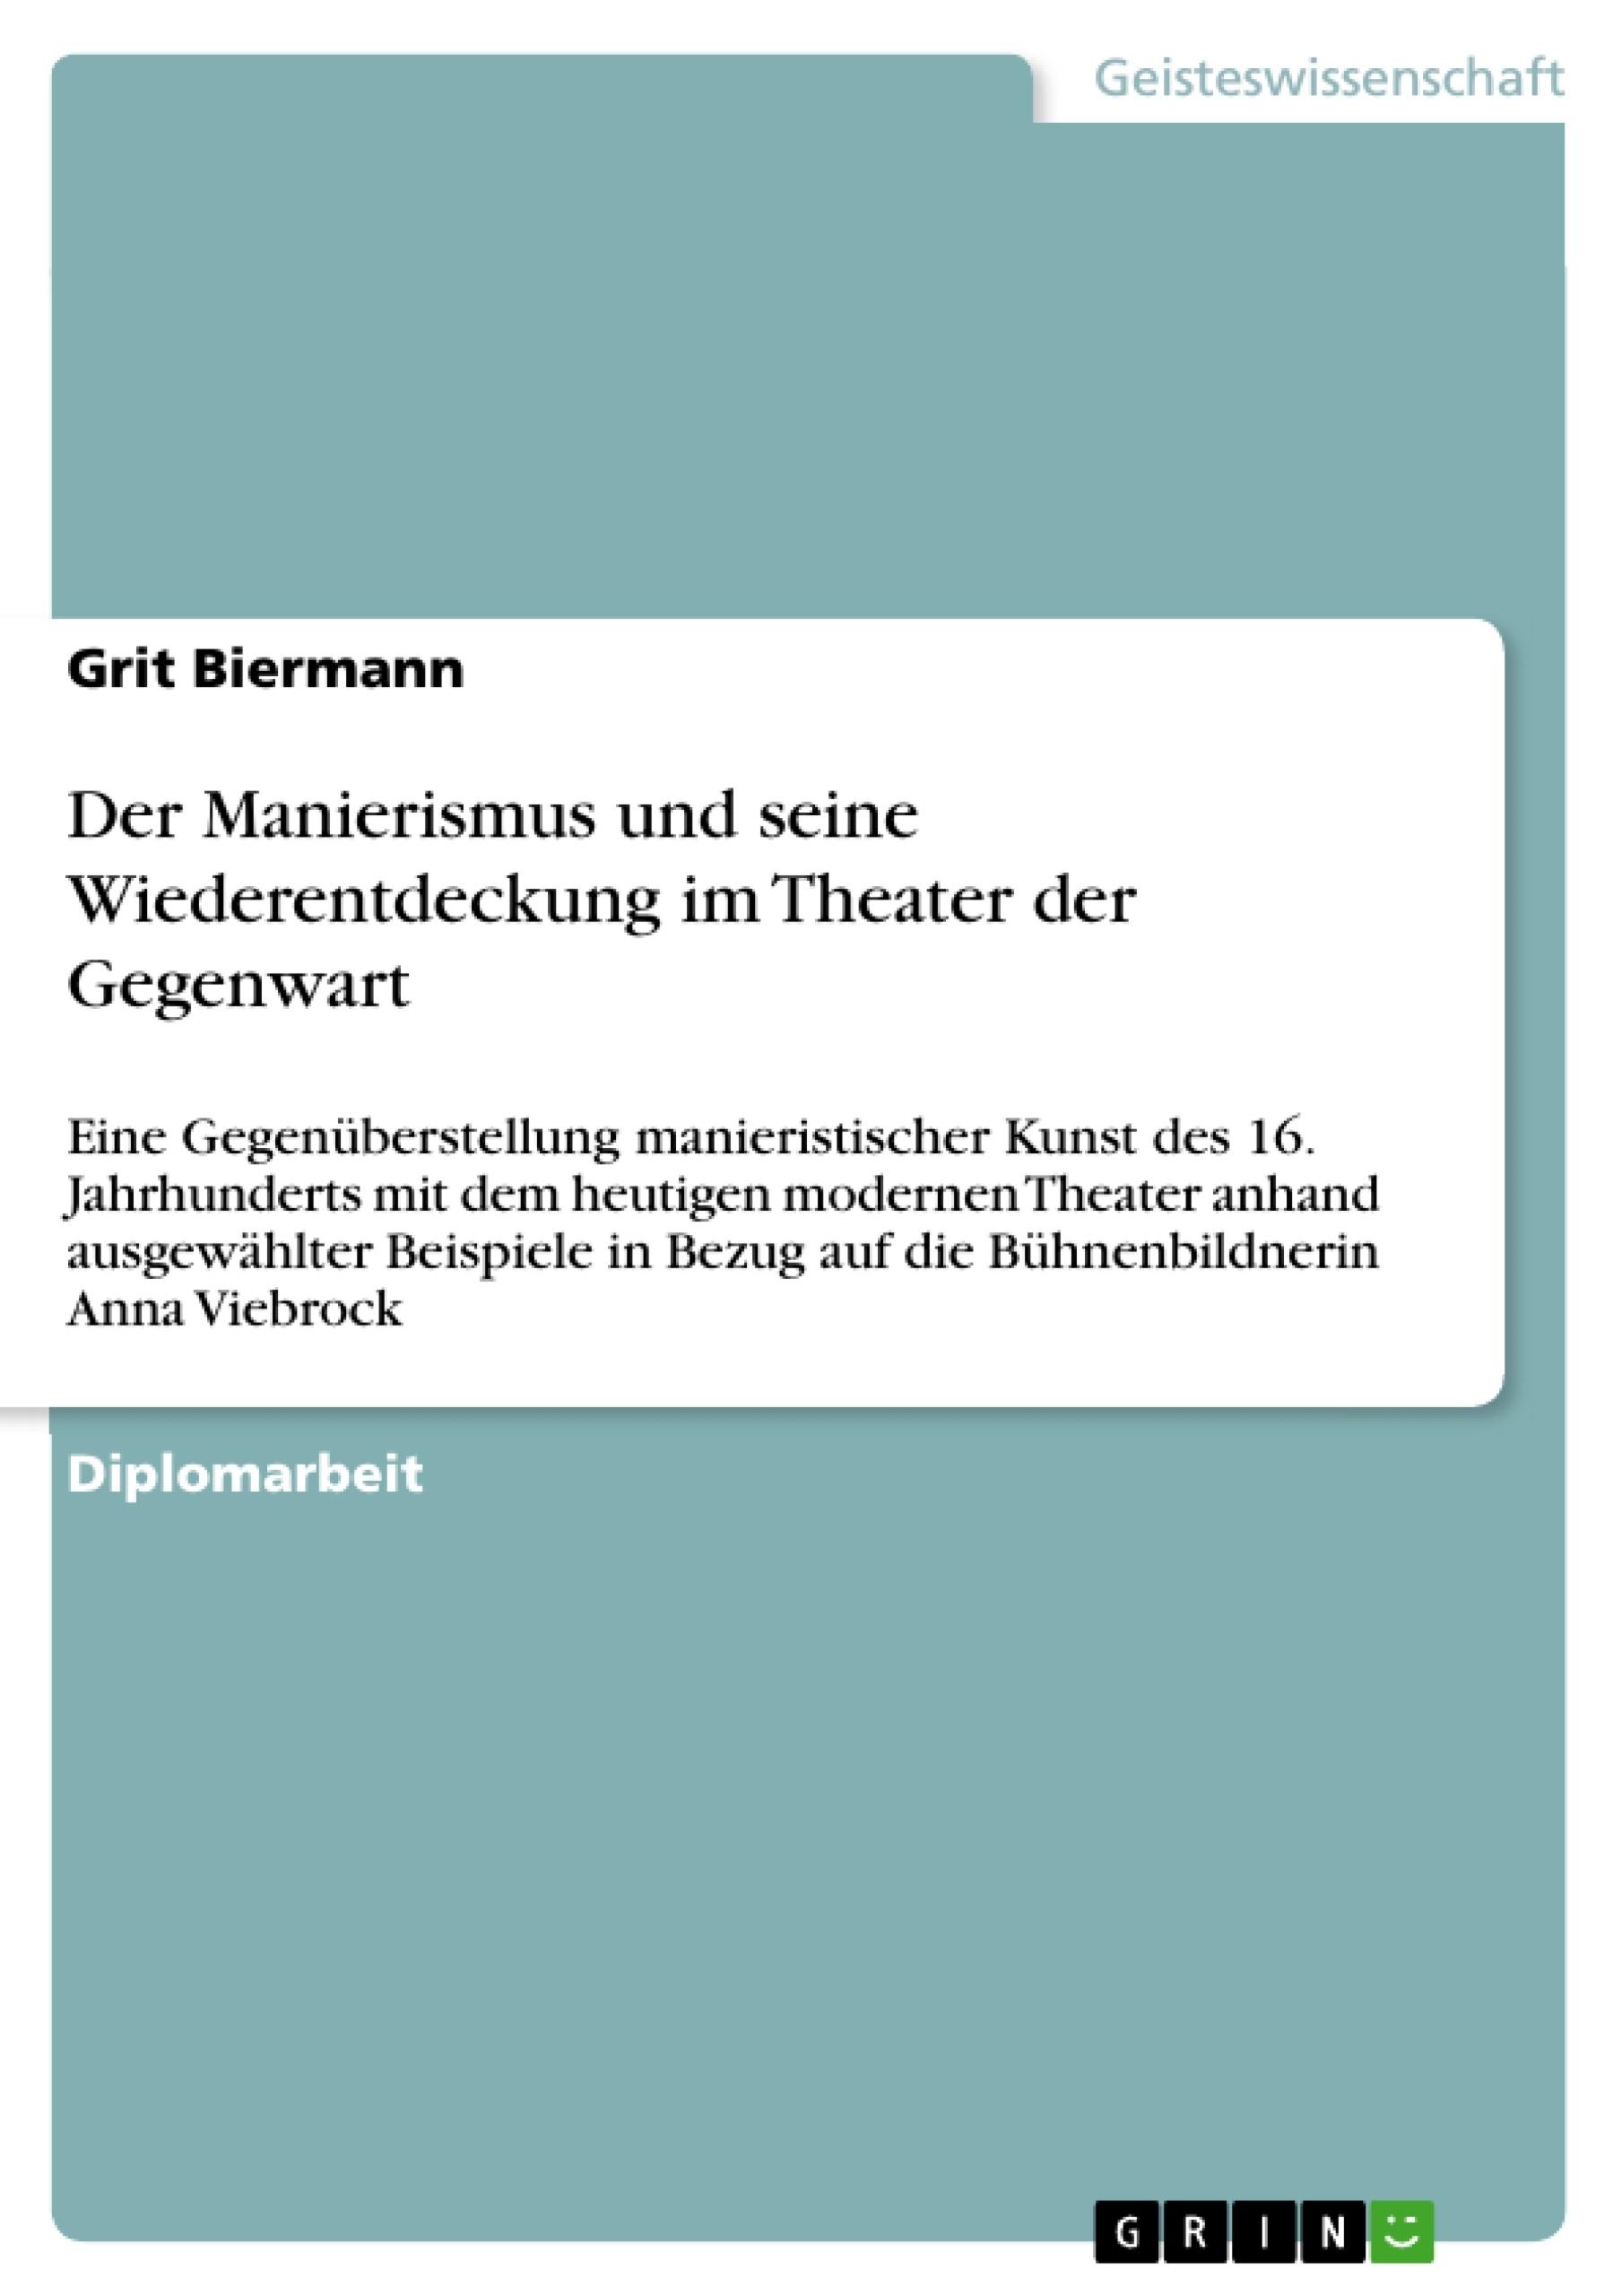 Titel: Der Manierismus und seine Wiederentdeckung im Theater der Gegenwart